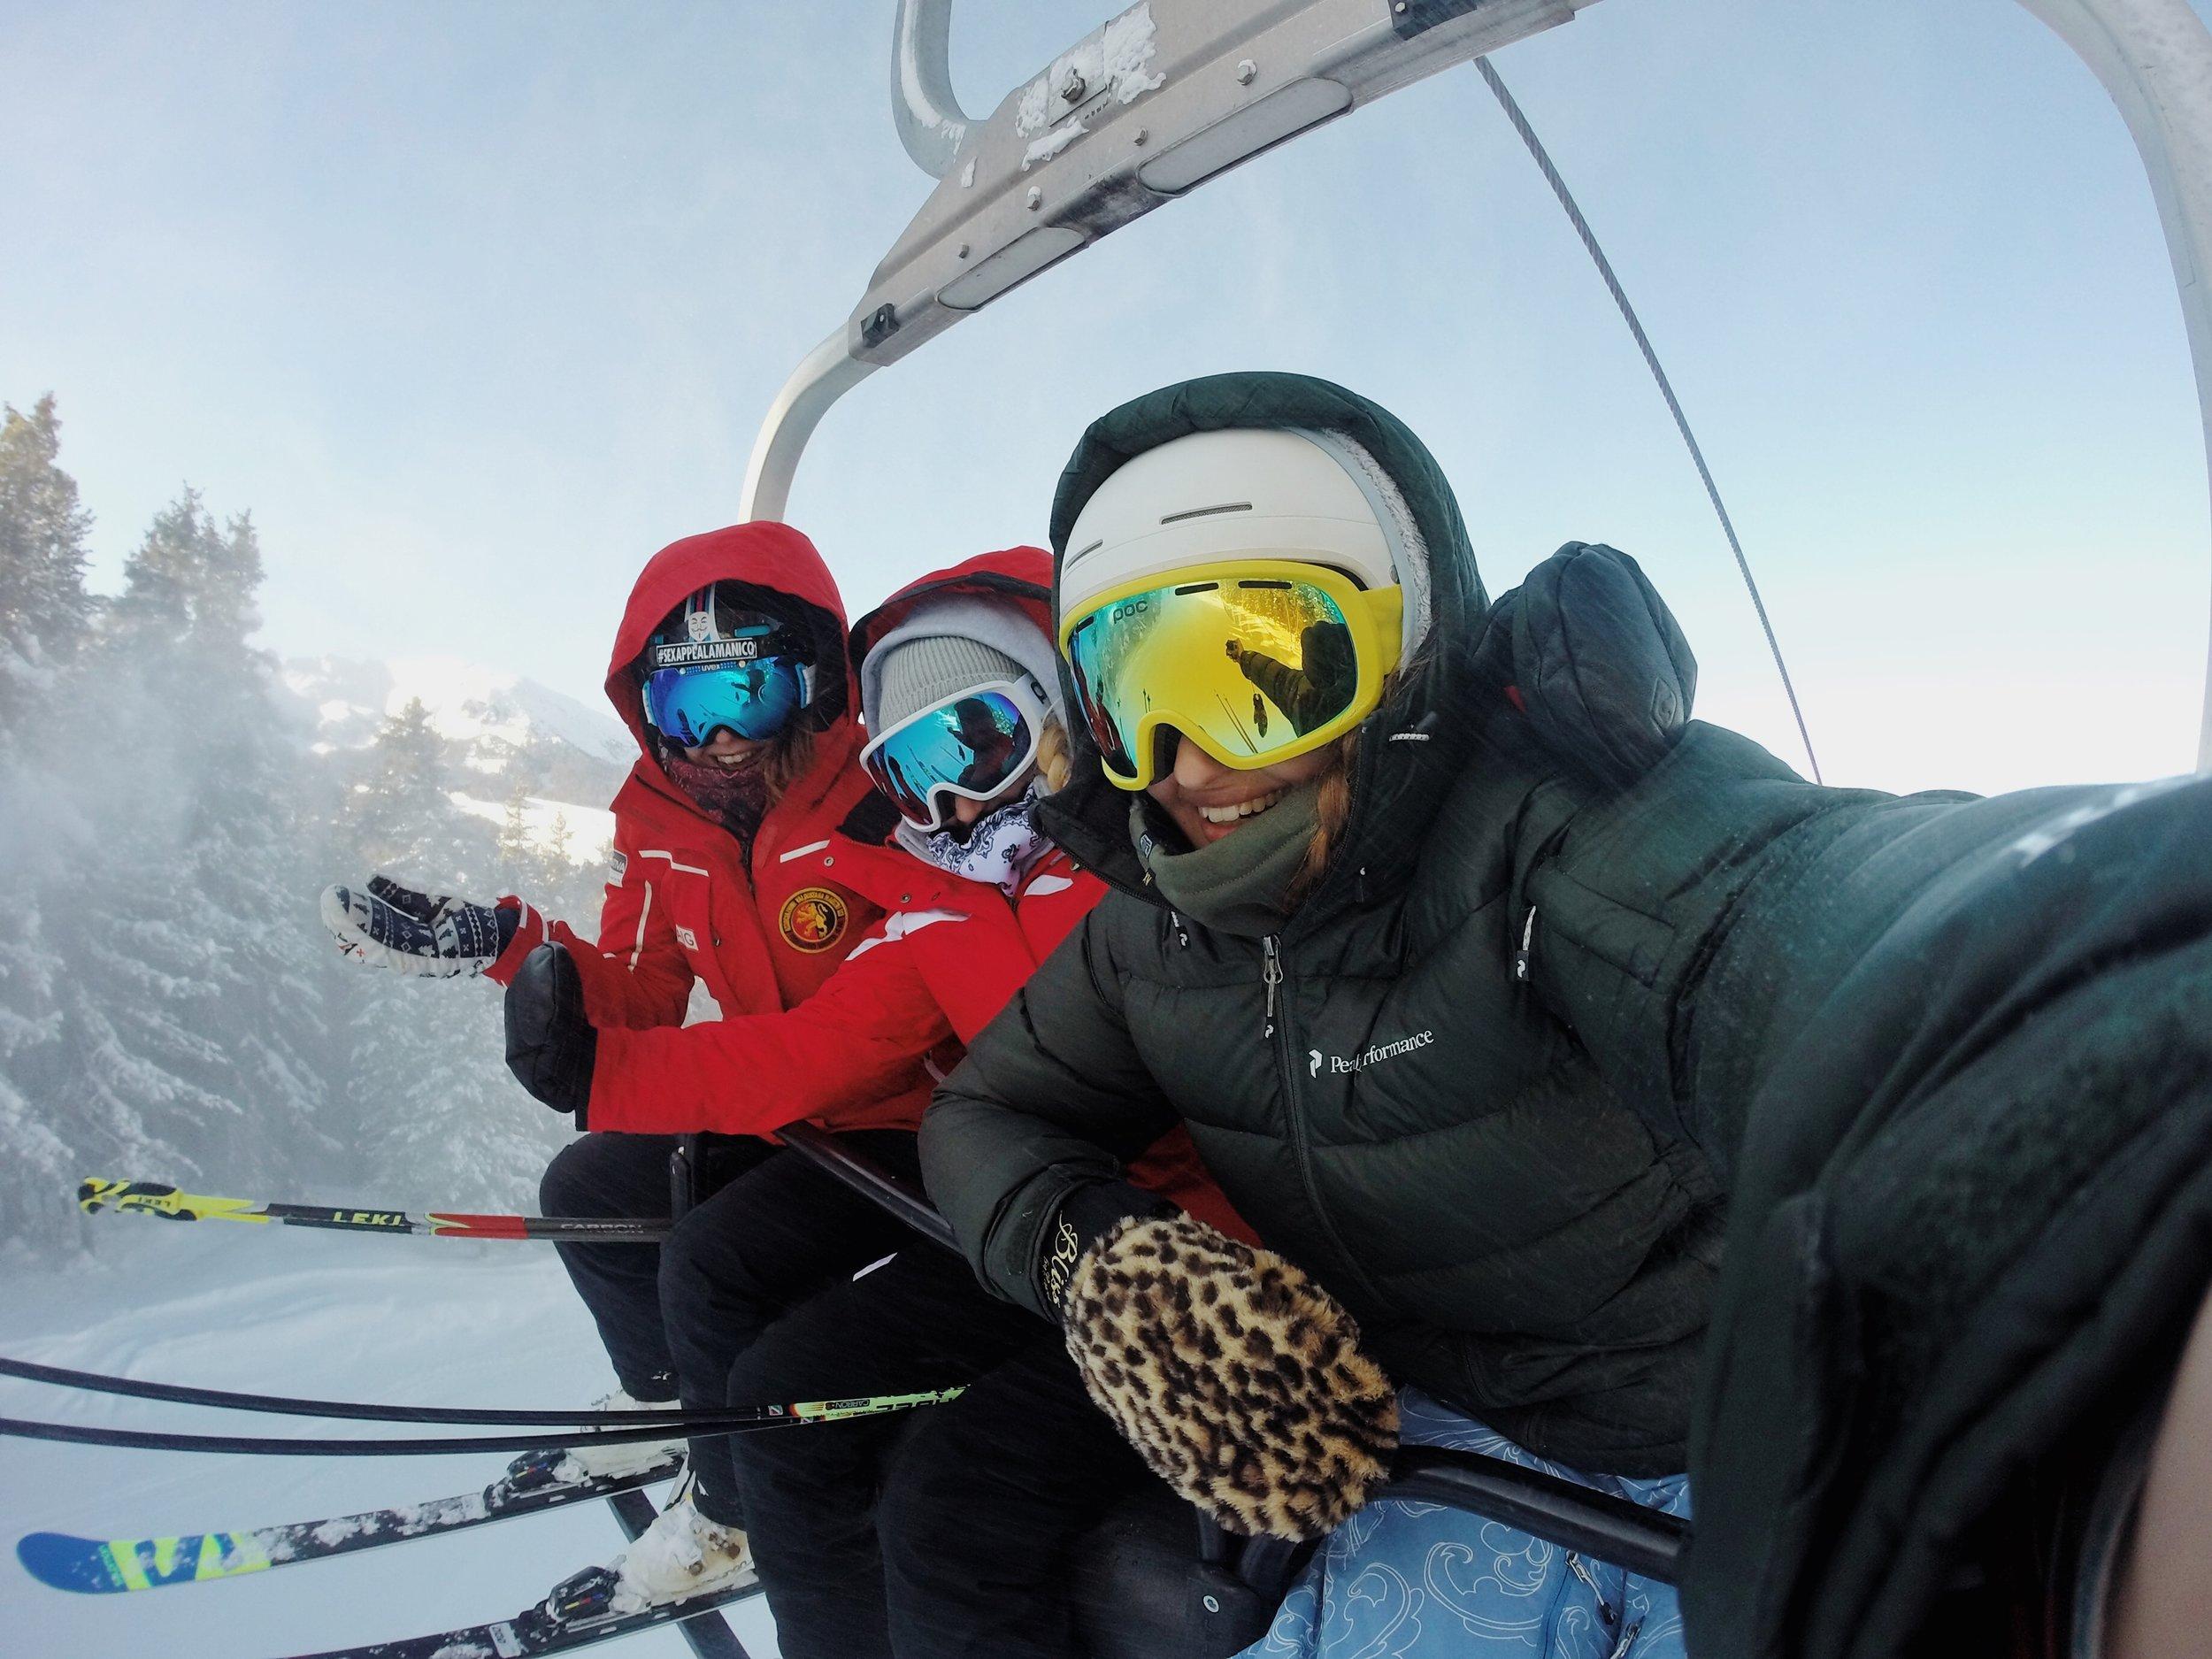 Billeder-fra-ski-Ferien .jpg